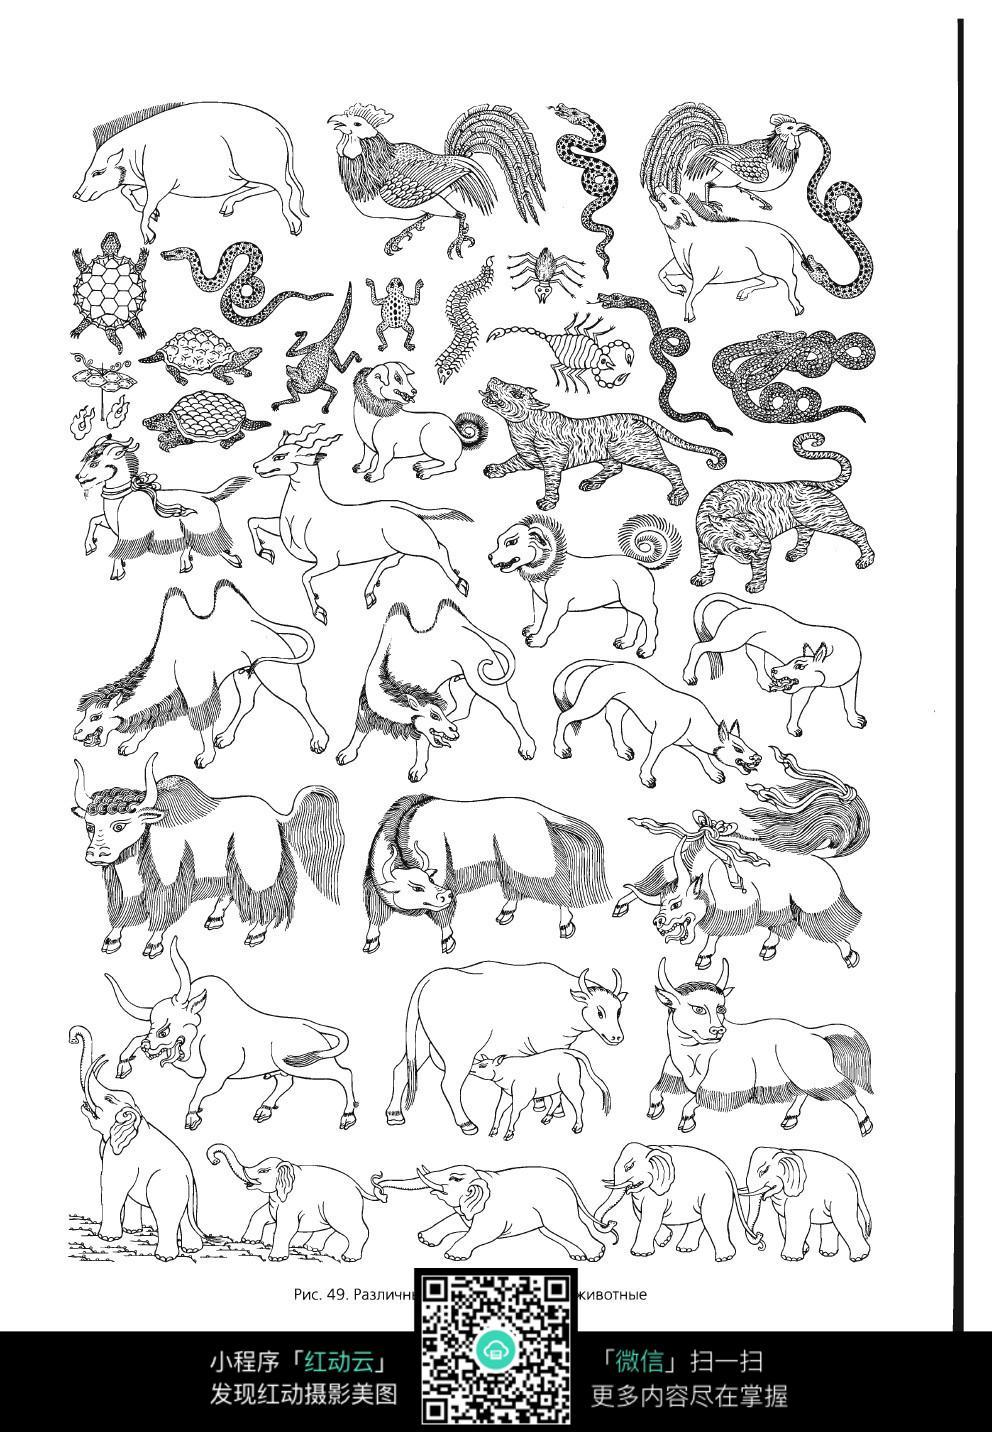 西藏百科全书之动物线描